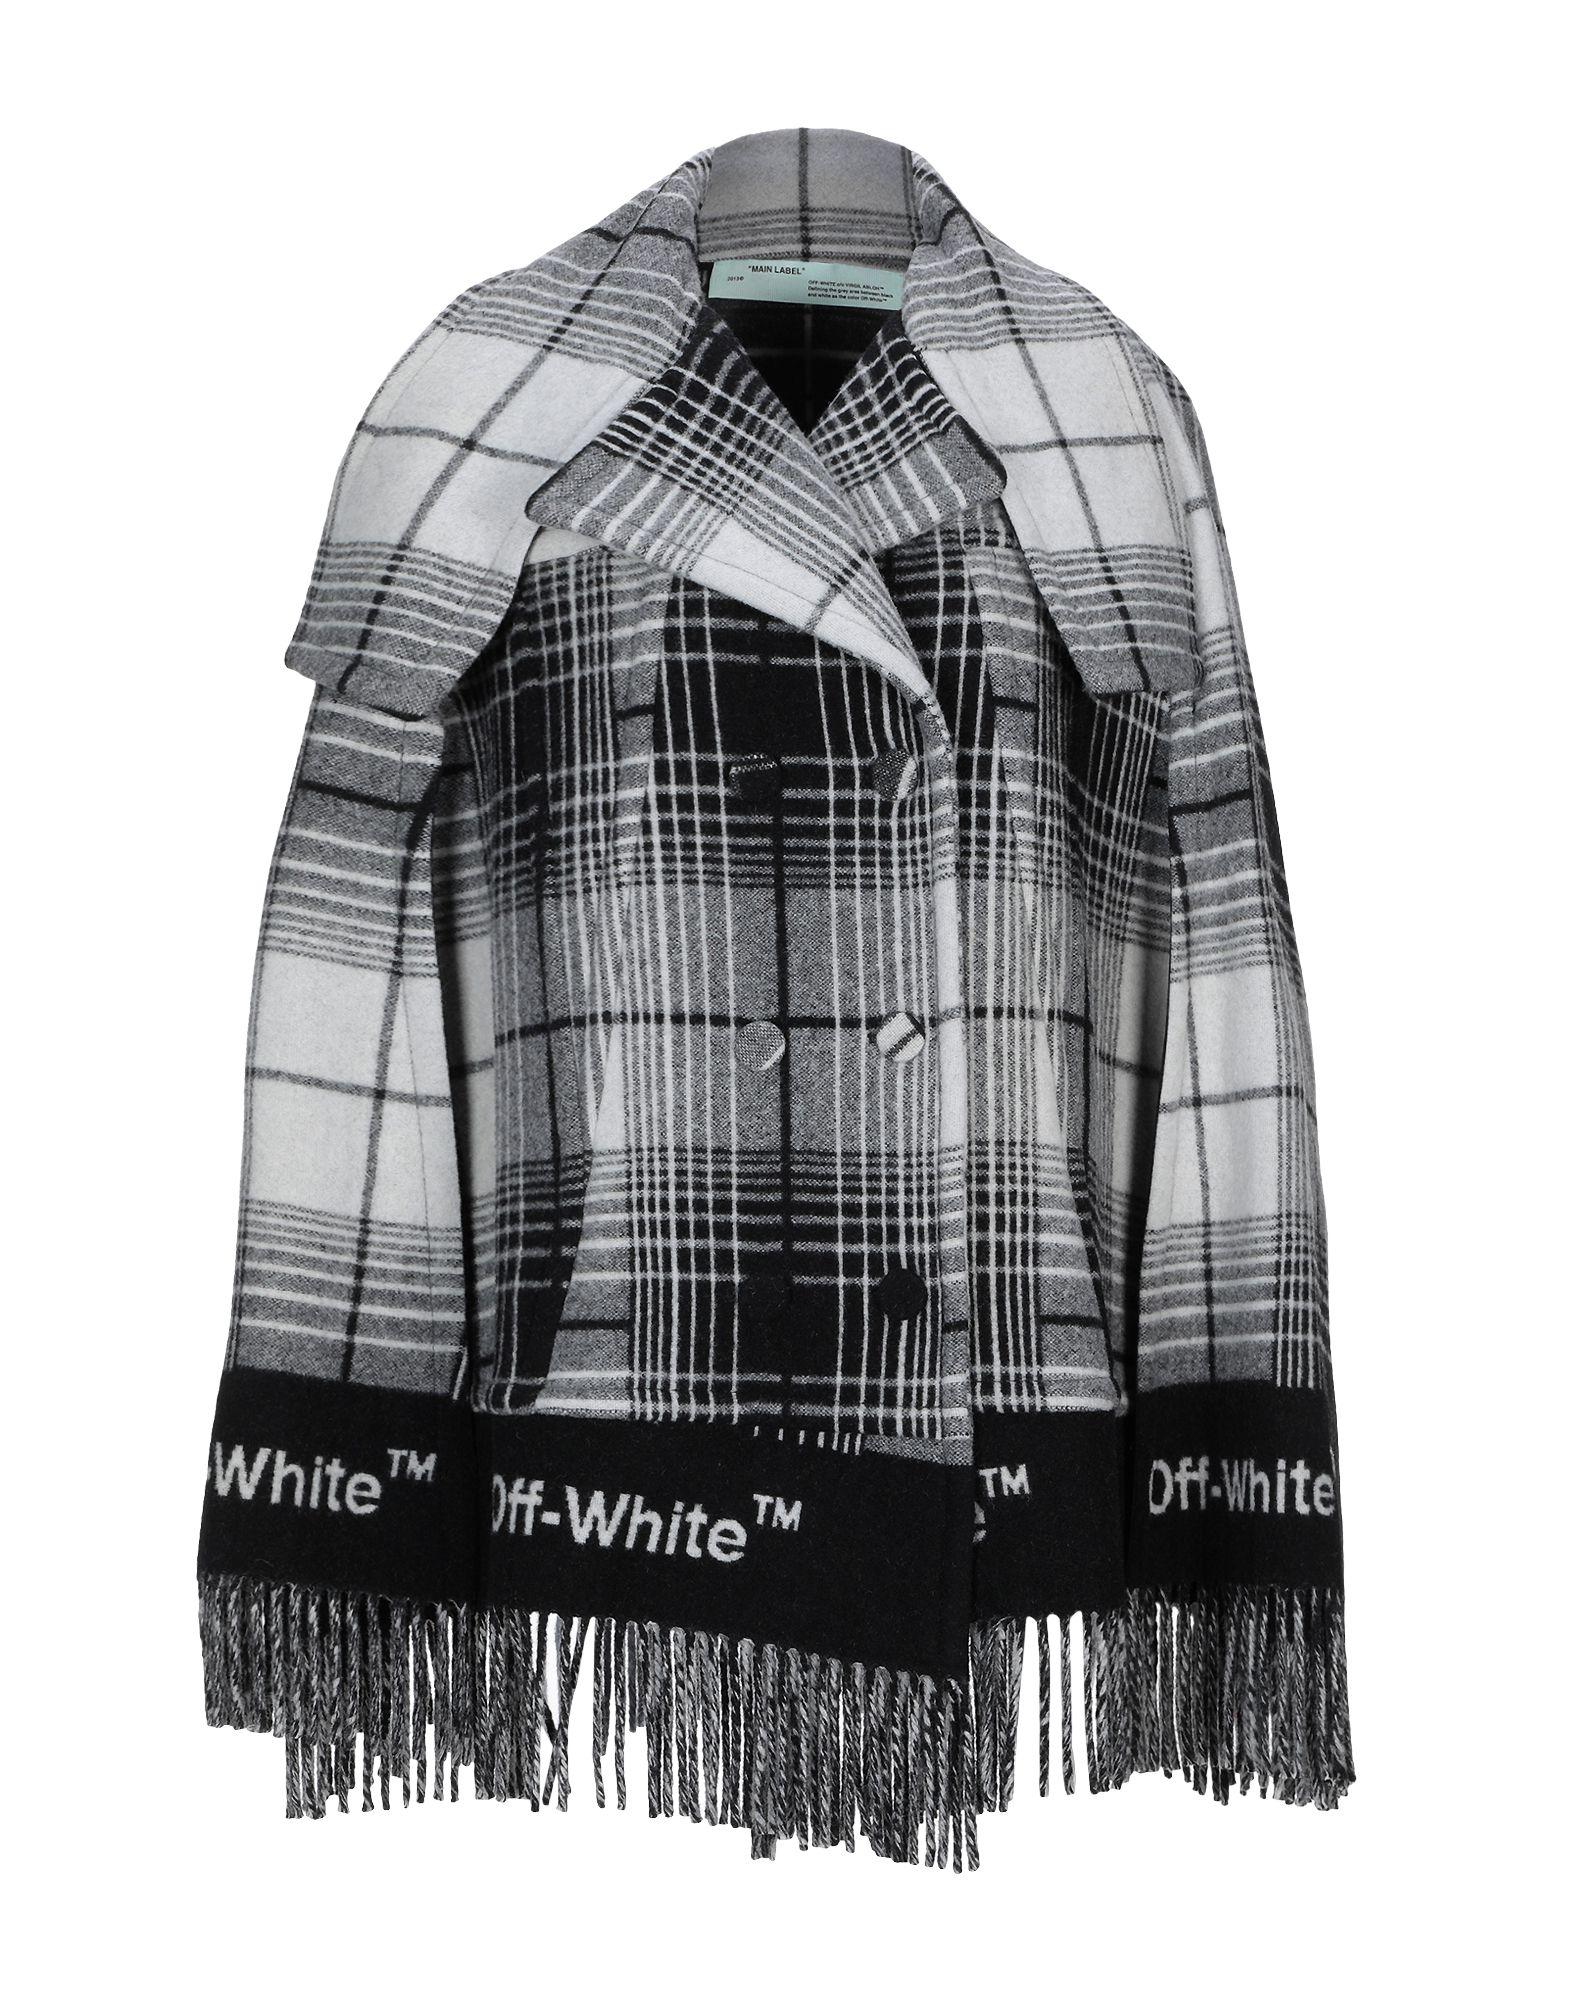 OFF-WHITE™ Накидка накидка для матраса oce 10 black white